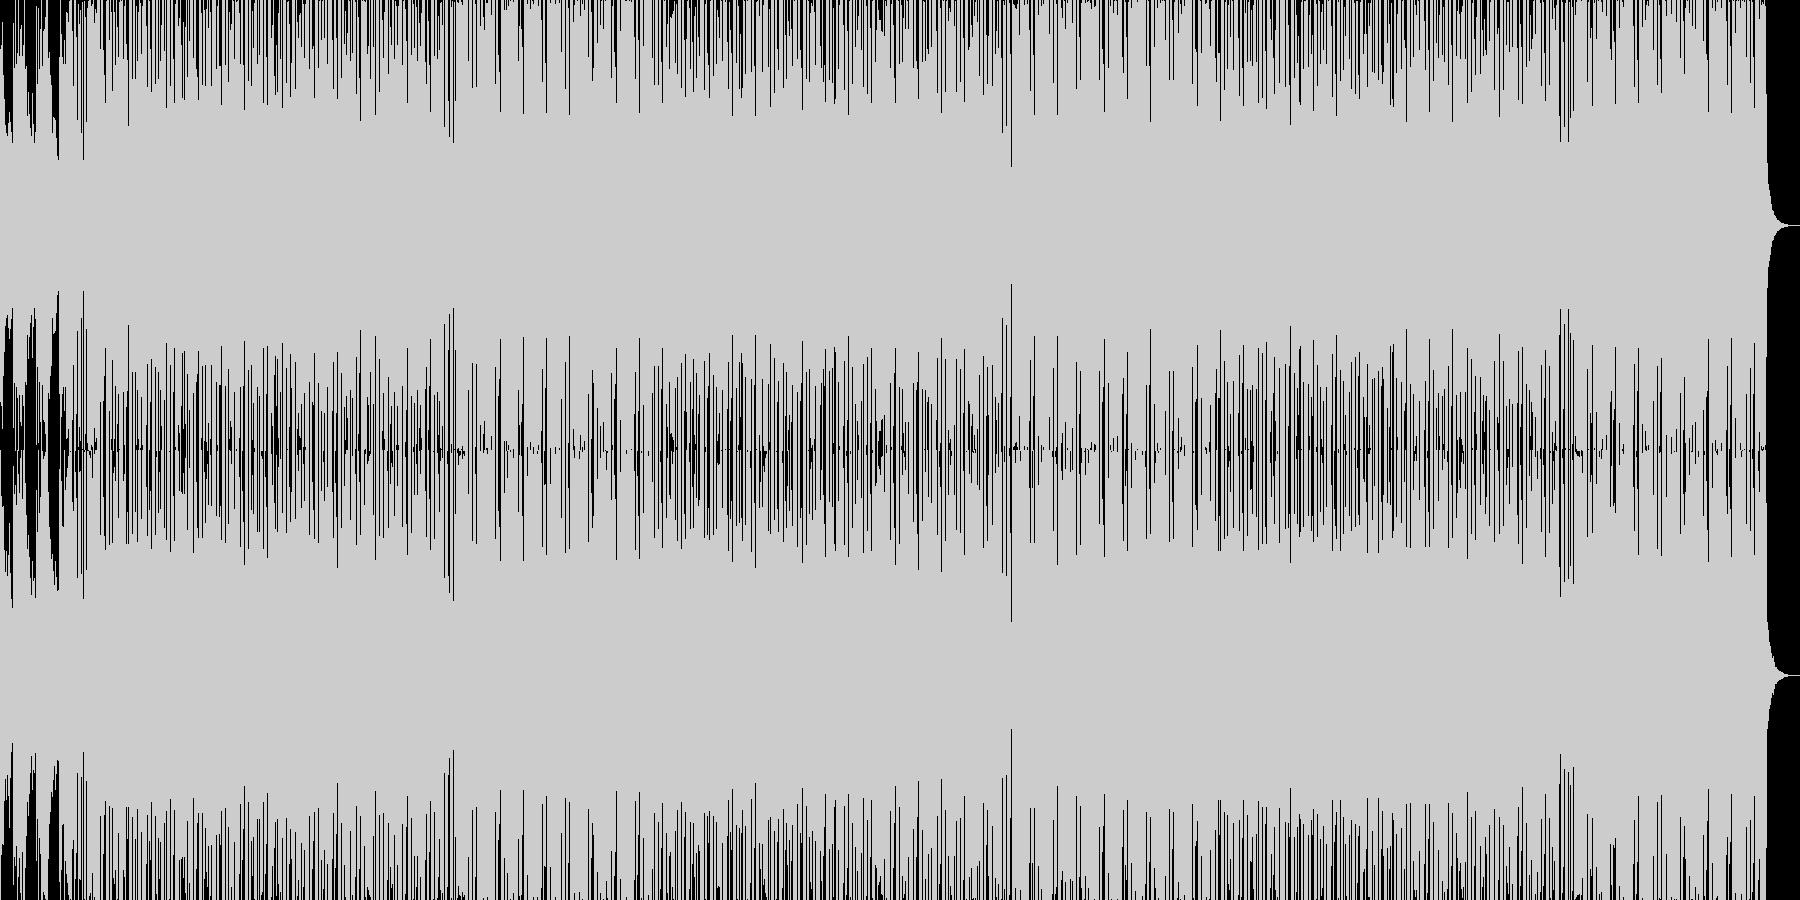 勢いのある攻撃的なHIPHOPの未再生の波形